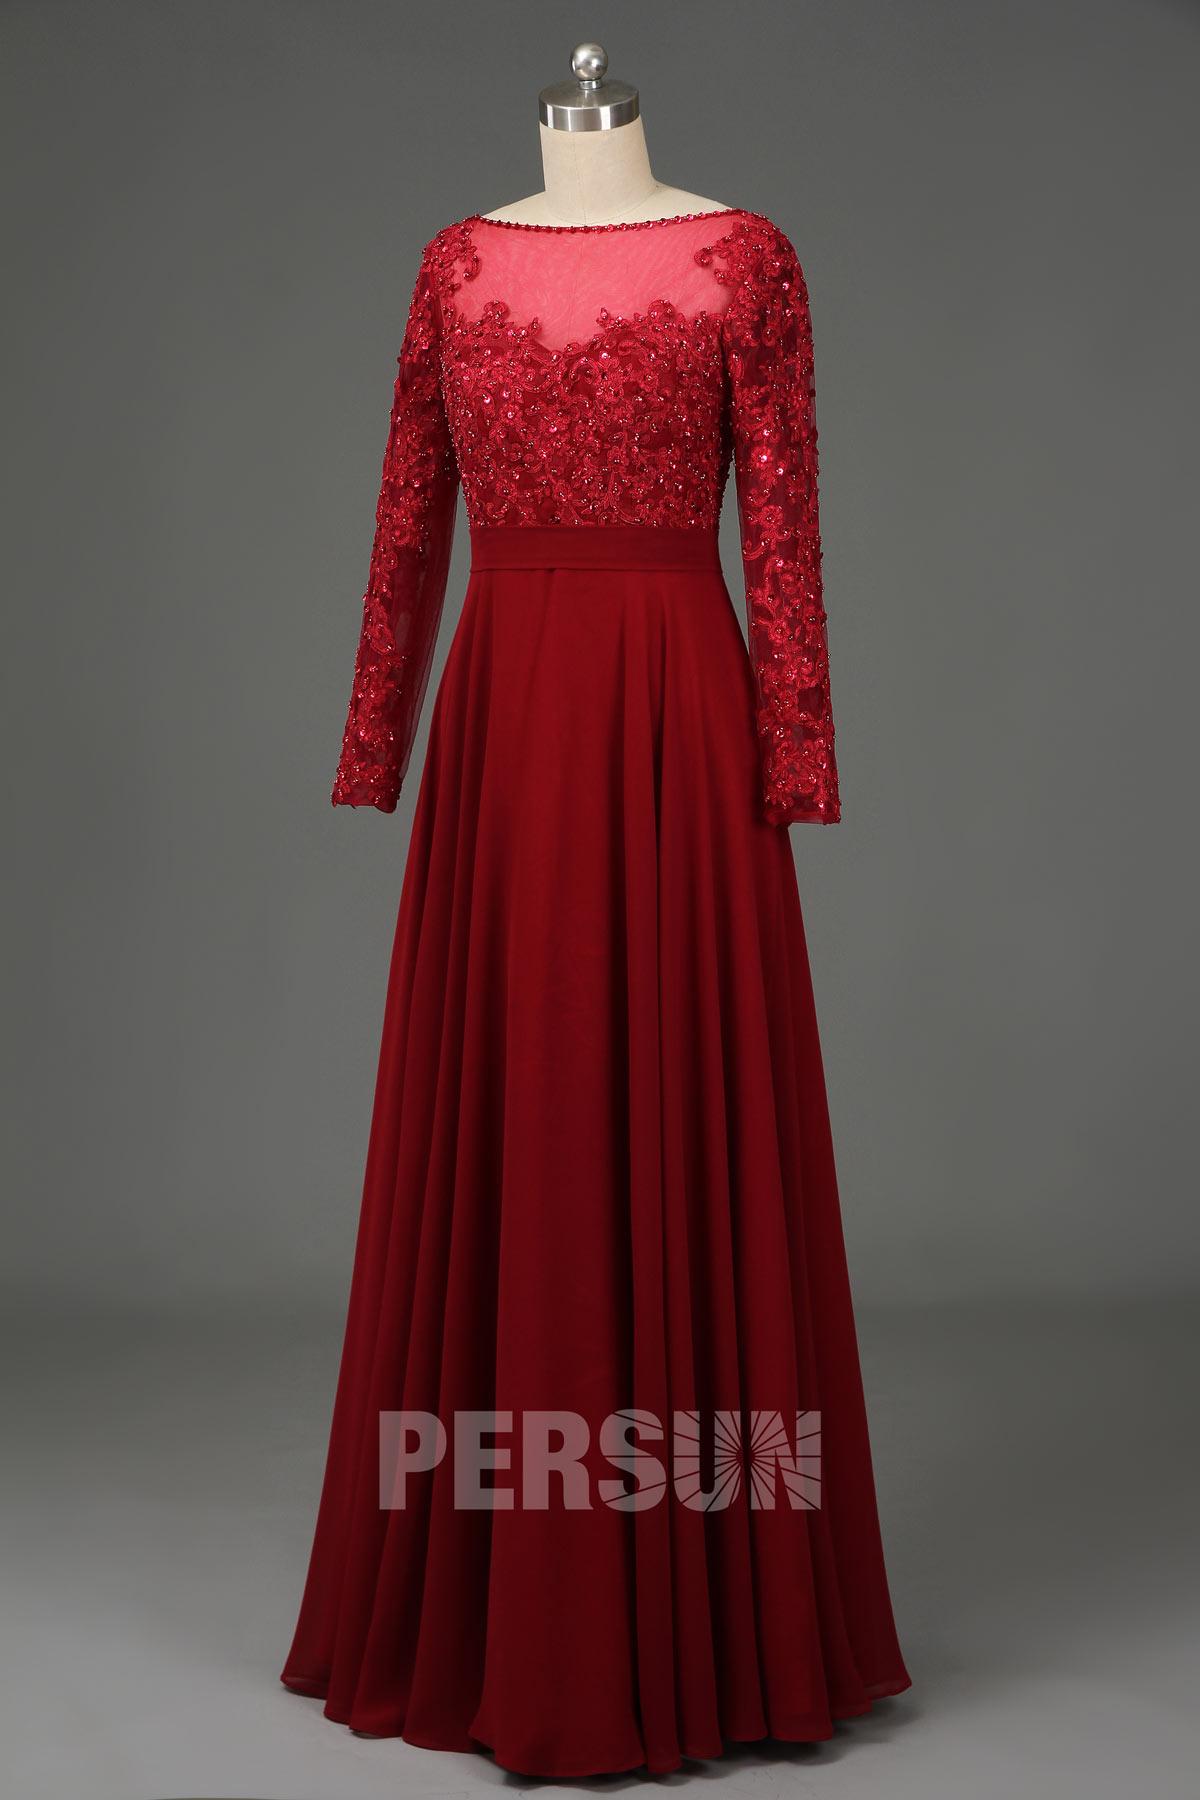 robe demoiselle d'honneur longue bordeaux col illusion manche longue en dentelle